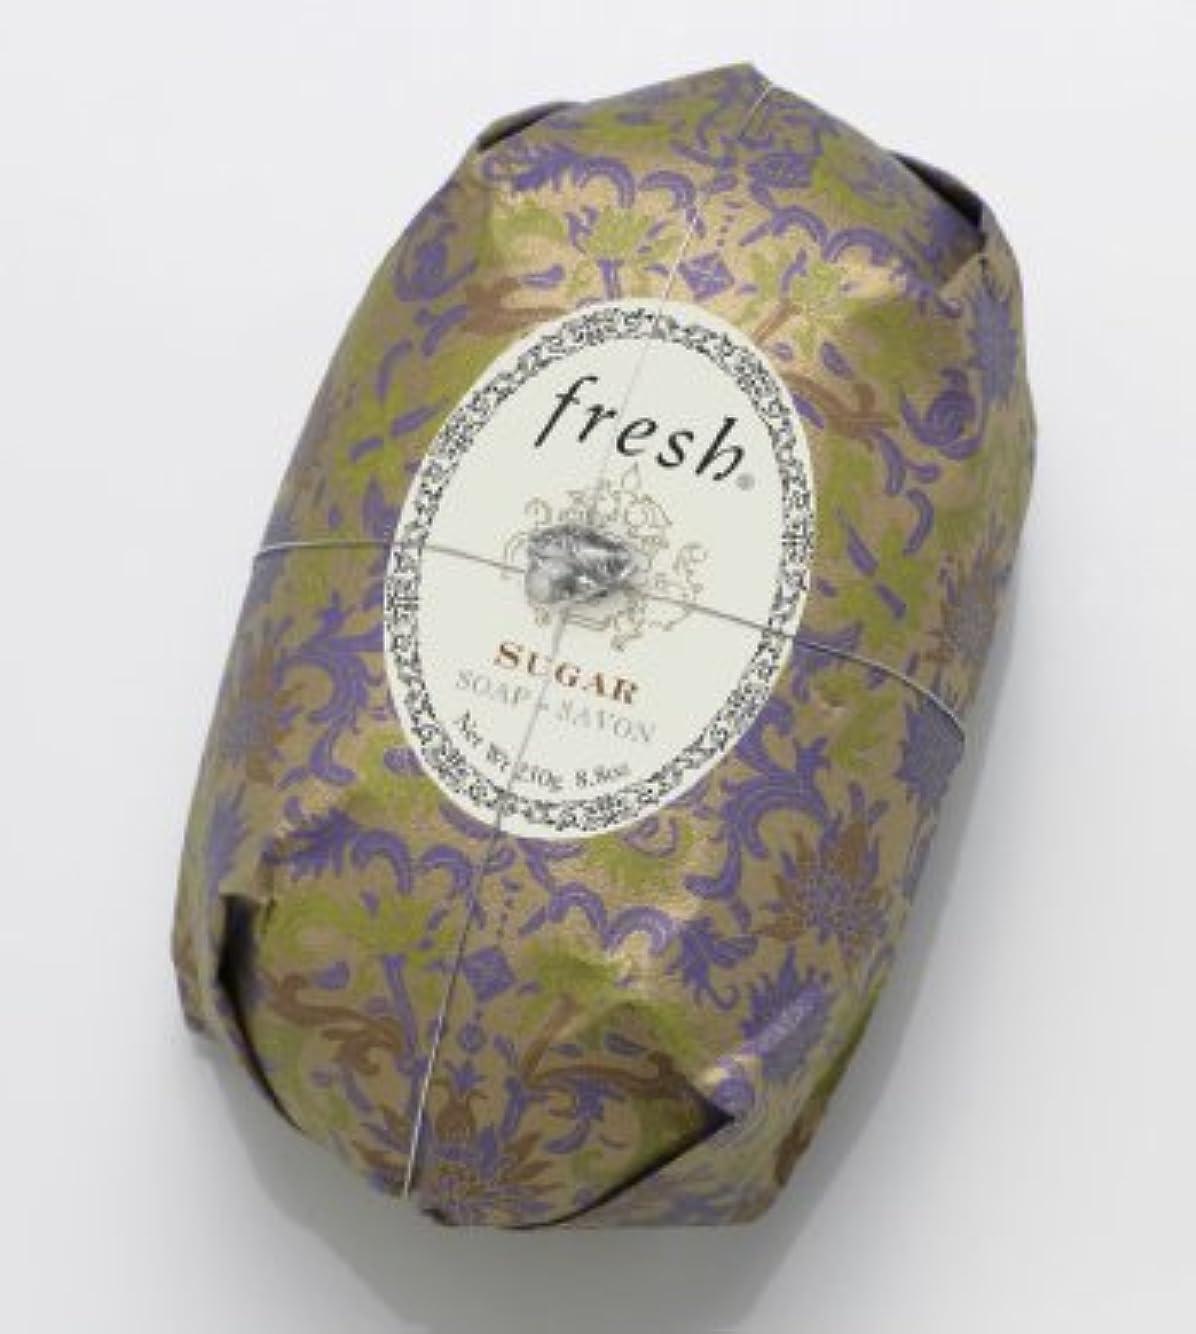 所有権受粉者十分にFresh SUGAR SOAP (フレッシュ シュガー ソープ) 8.8 oz (250g) Soap (石鹸) by Fresh